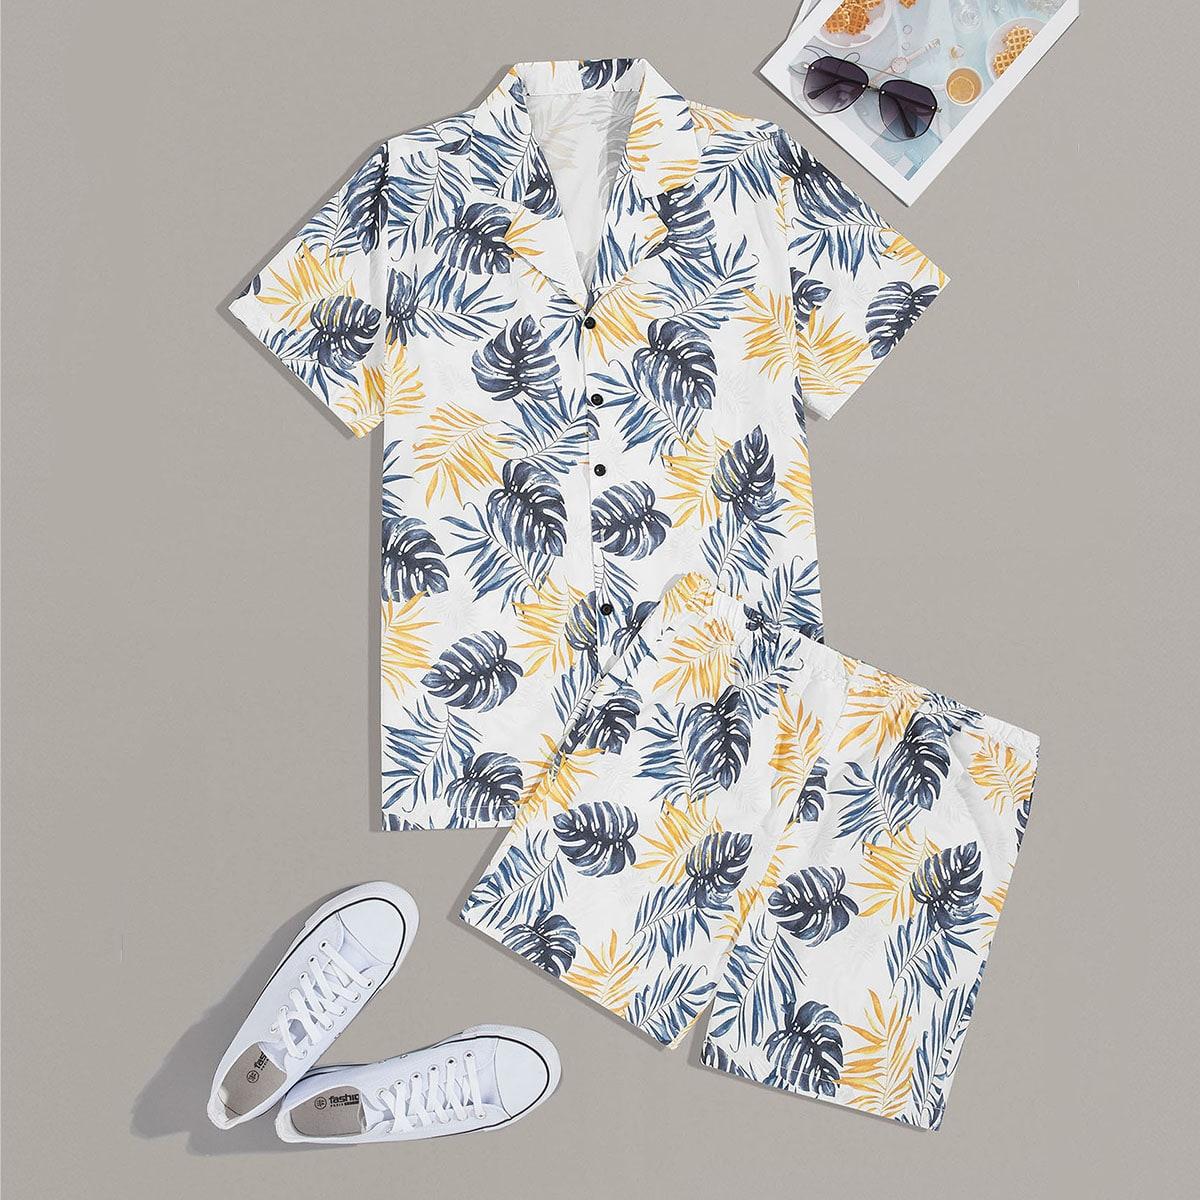 Мужские шорты и рубашка с тропическим принтом от SHEIN